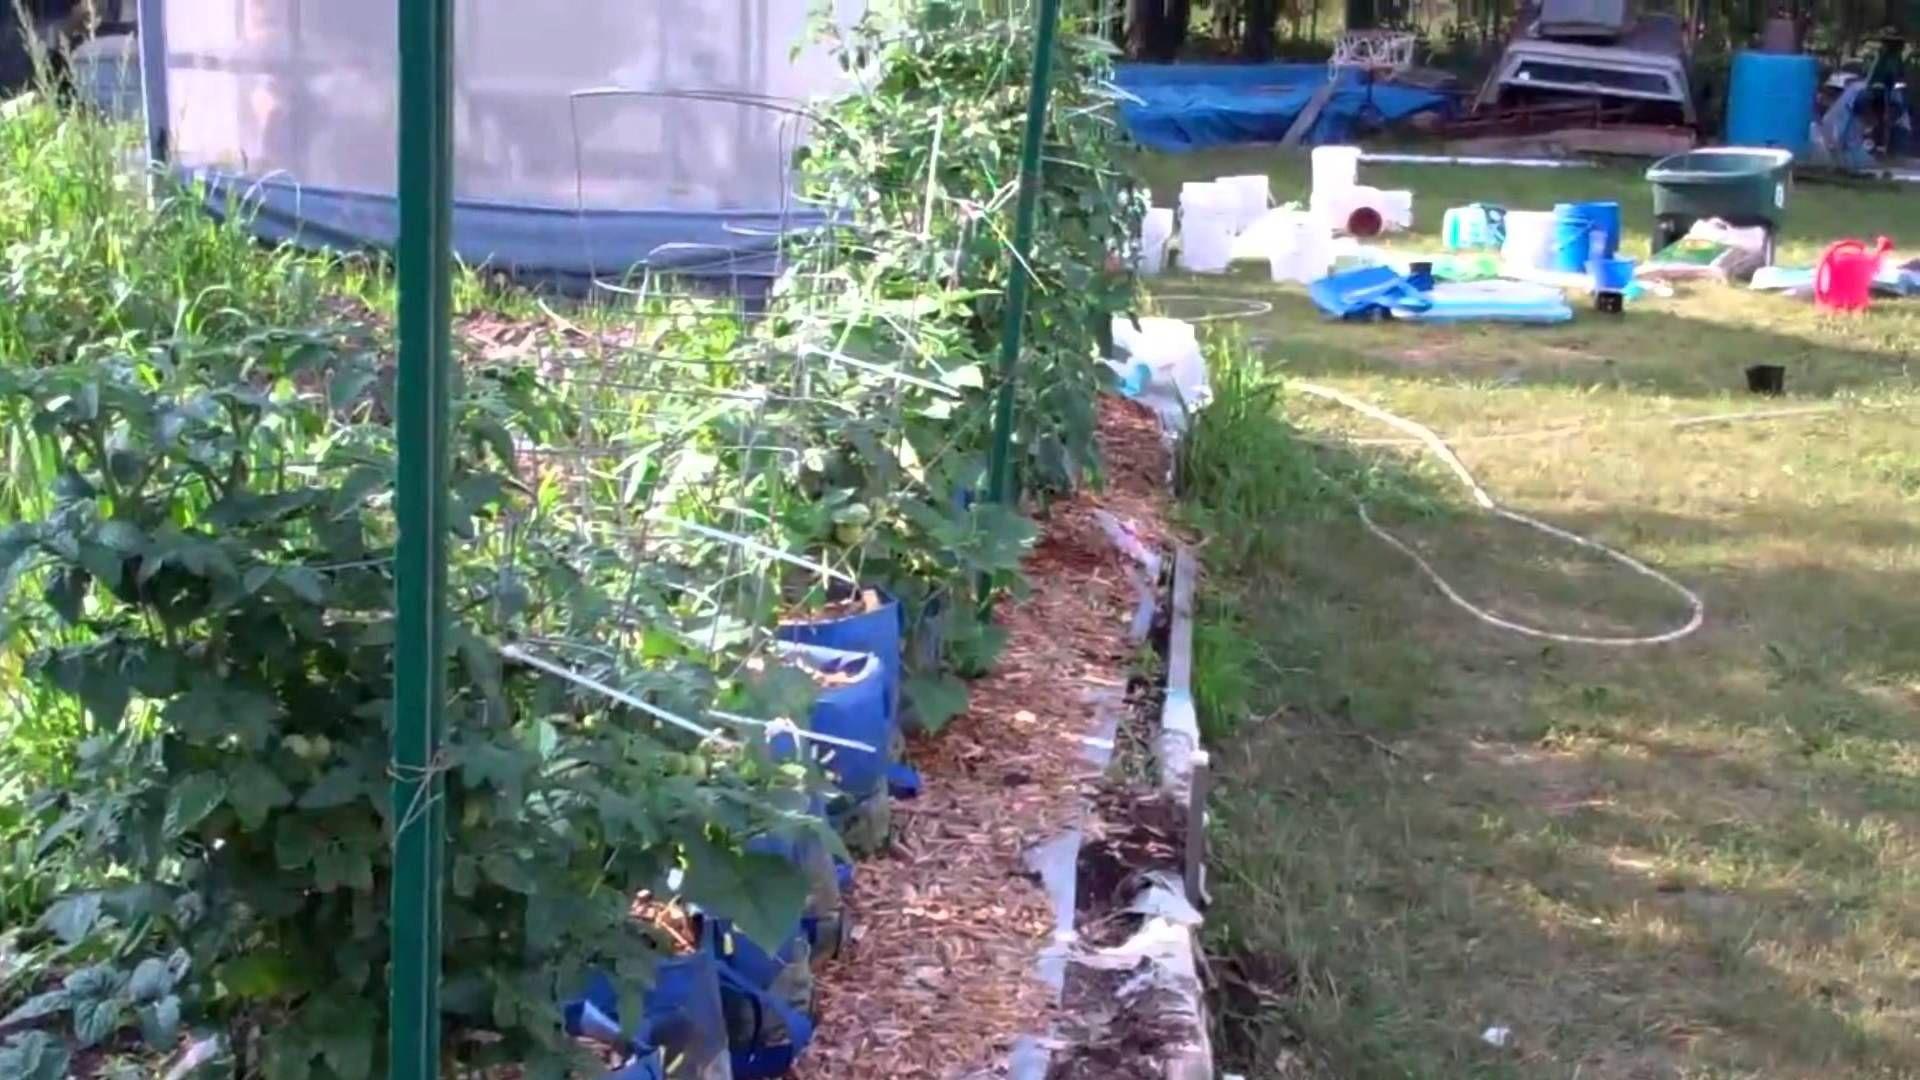 Time To Get The Underground Hybrid Rain Gutter Grow System Ready Bottle Garden Grow System Urban Garden